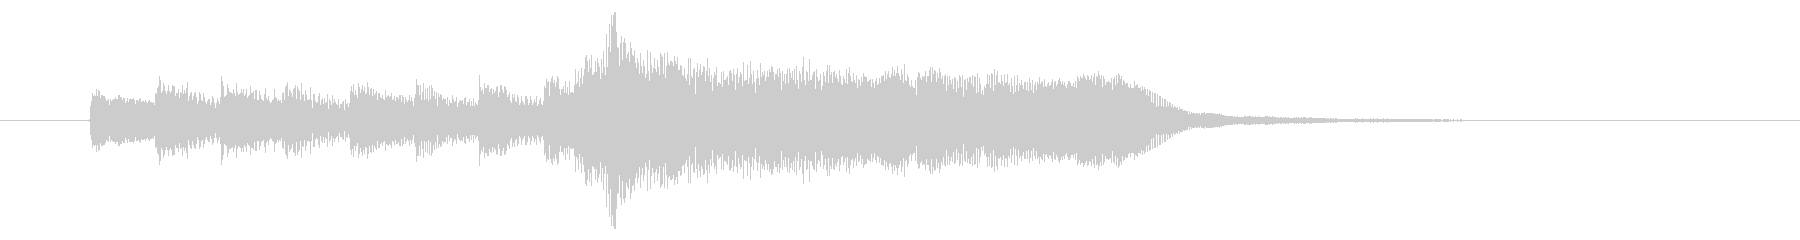 甘美で伸びやかなBGMサウンドの未再生の波形